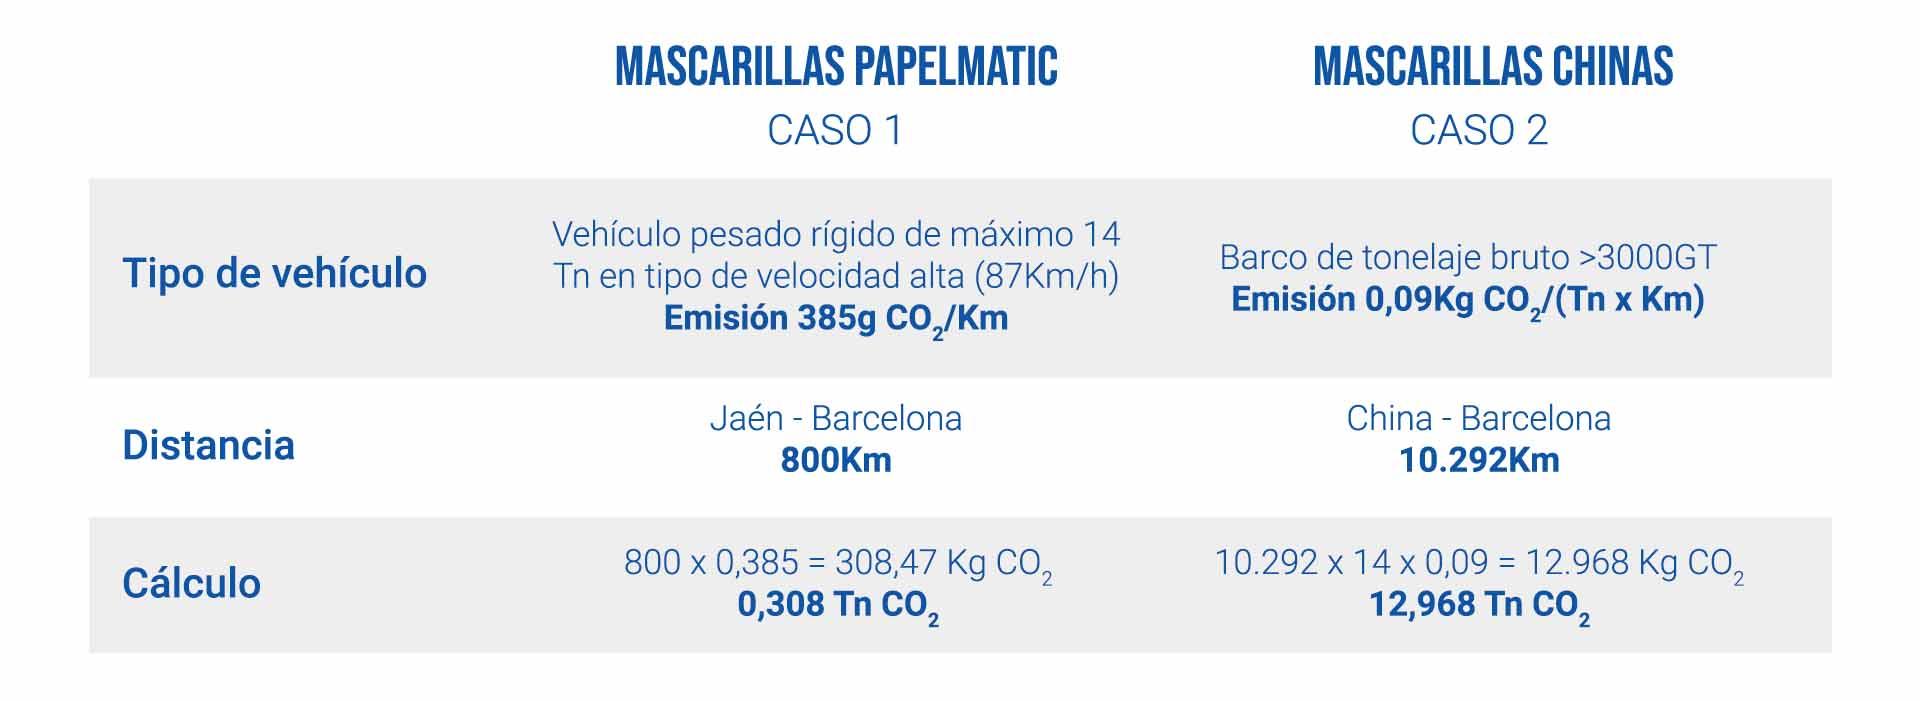 Beneficios mascarillas españolas papelmatic